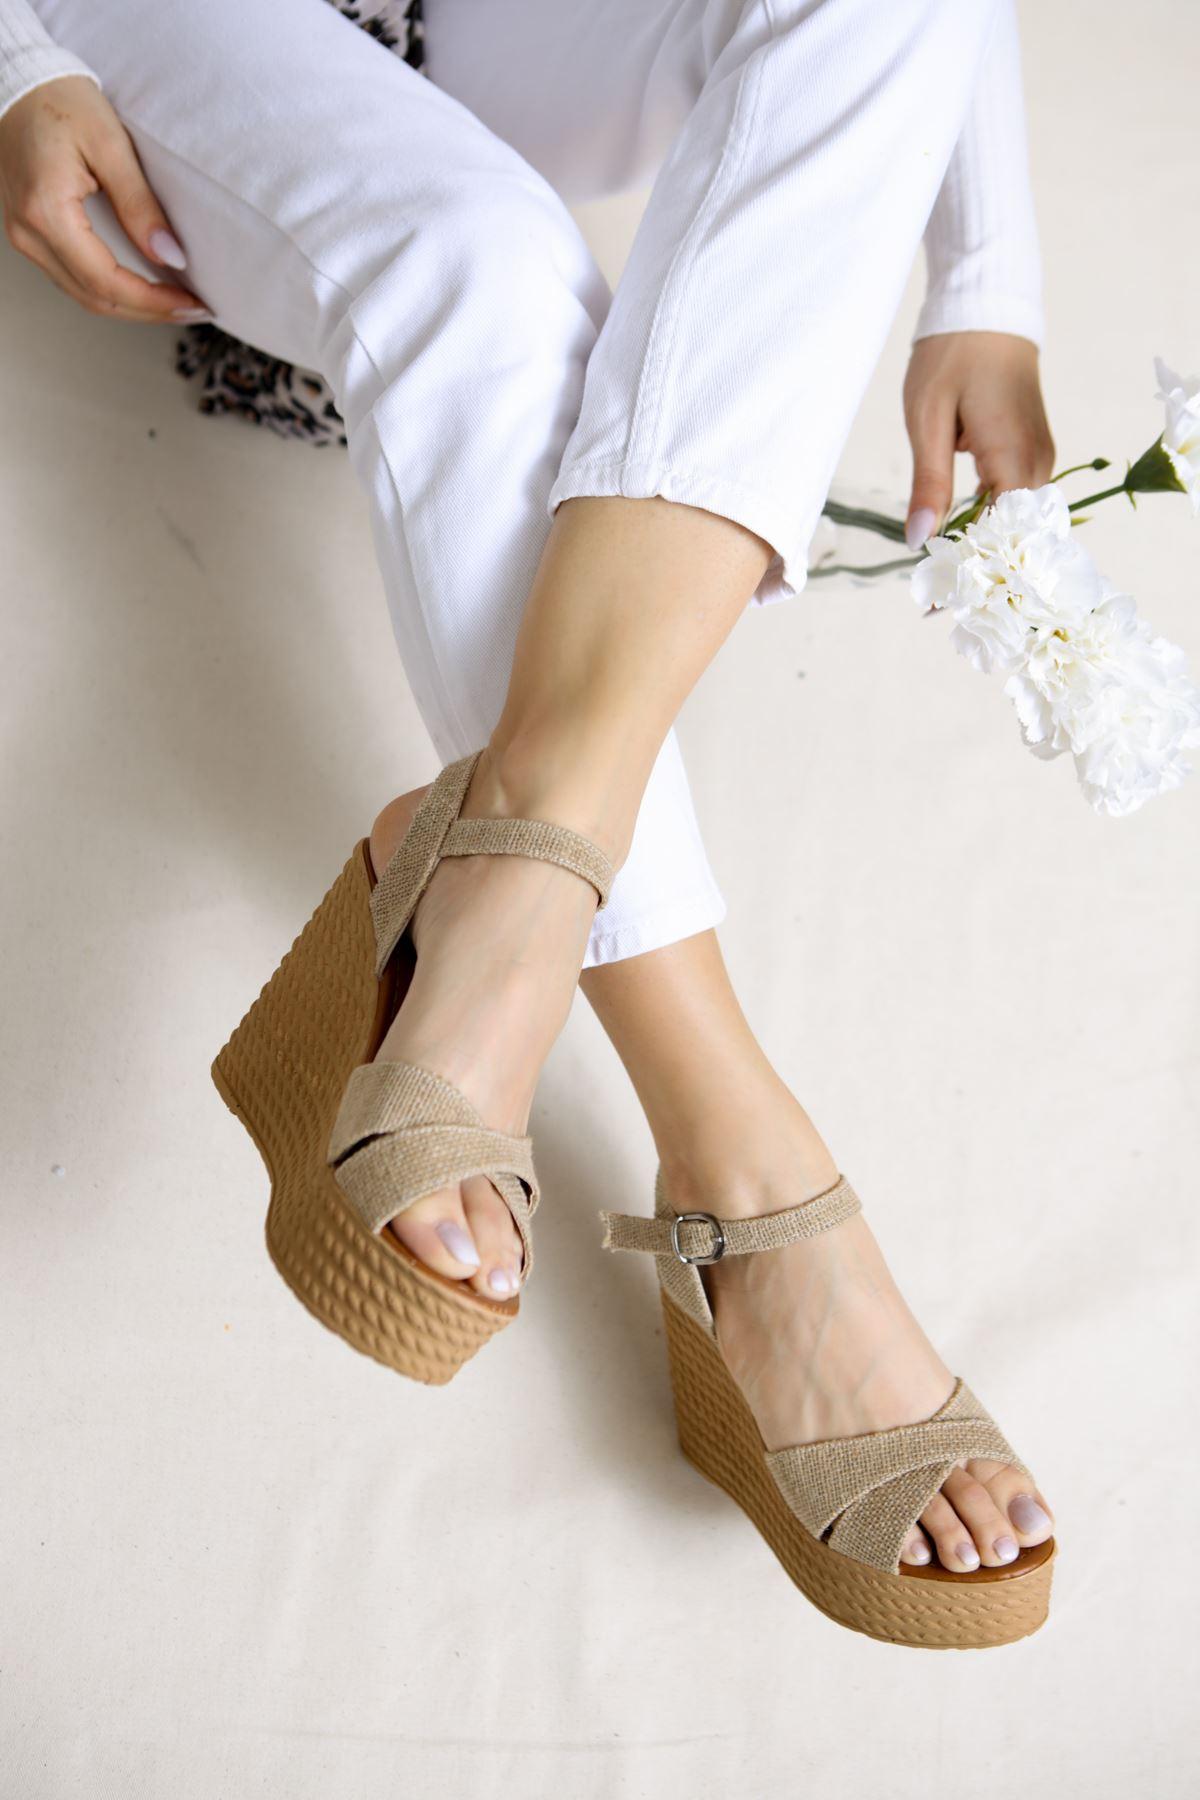 Shirley Hasır Dolgu Topuk Kadın Ayakkabı